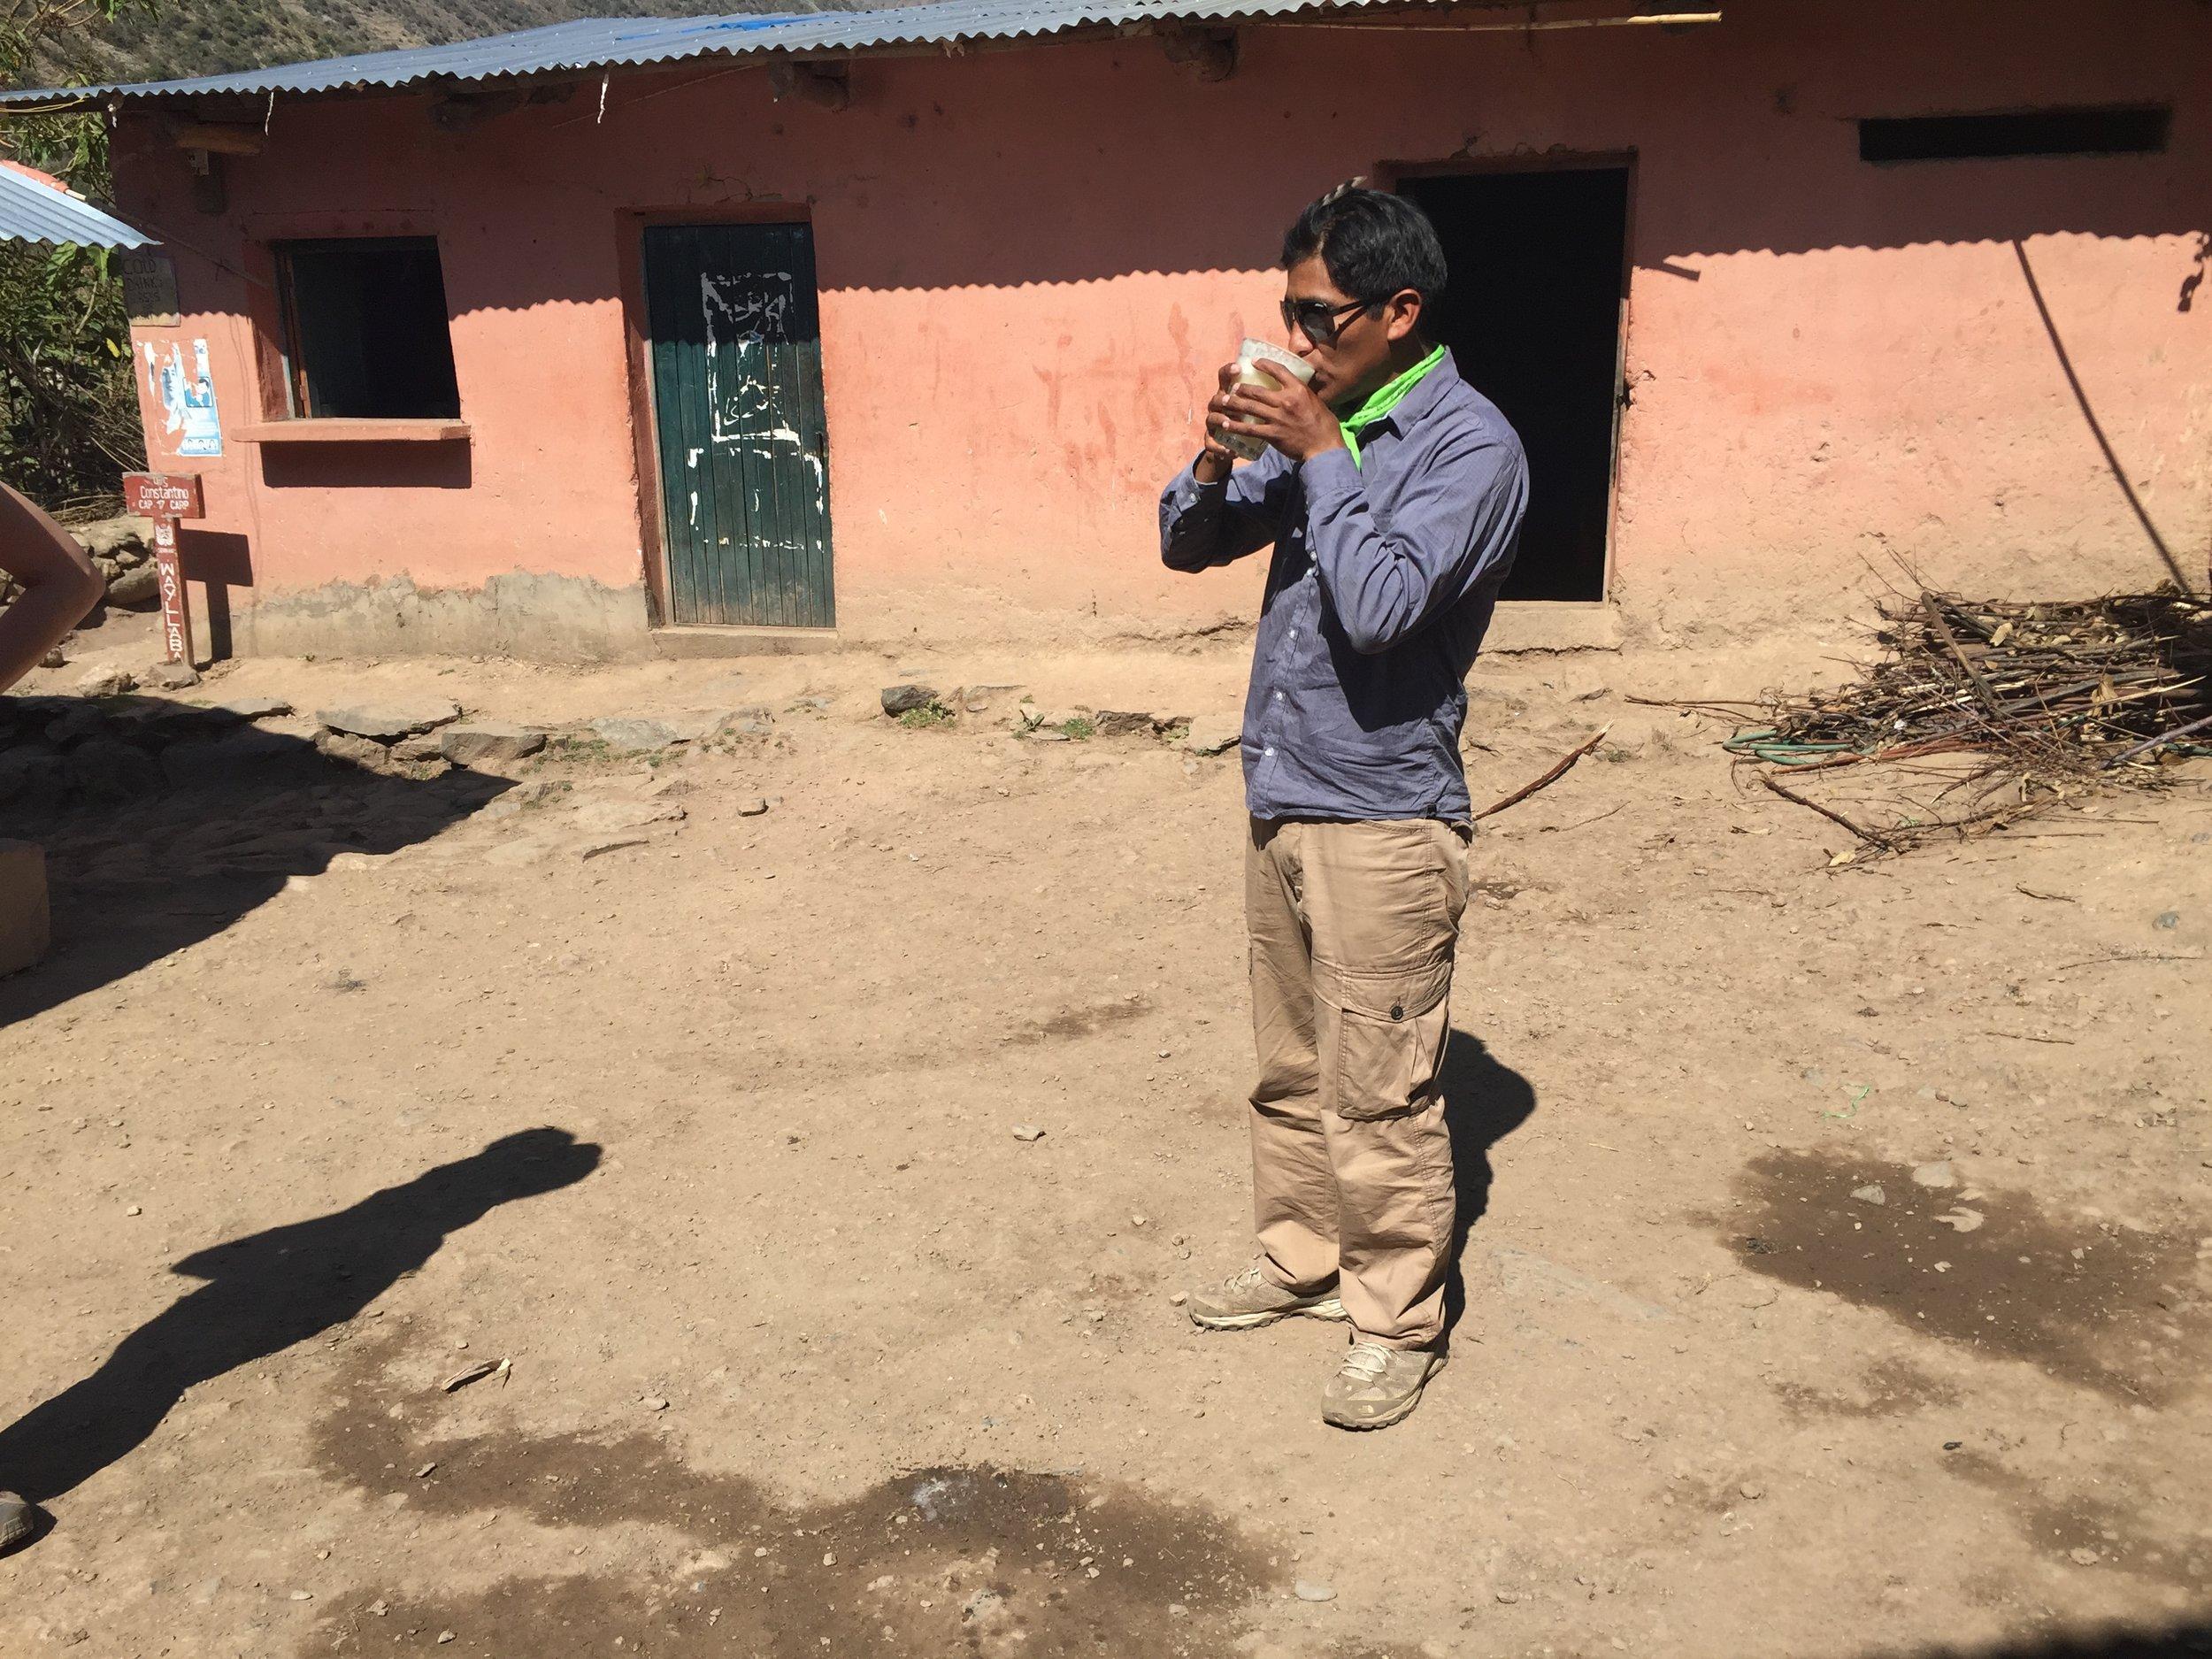 السيد والي وهو يمارس أحد طقوس الإنكا في شرب التشيتشا